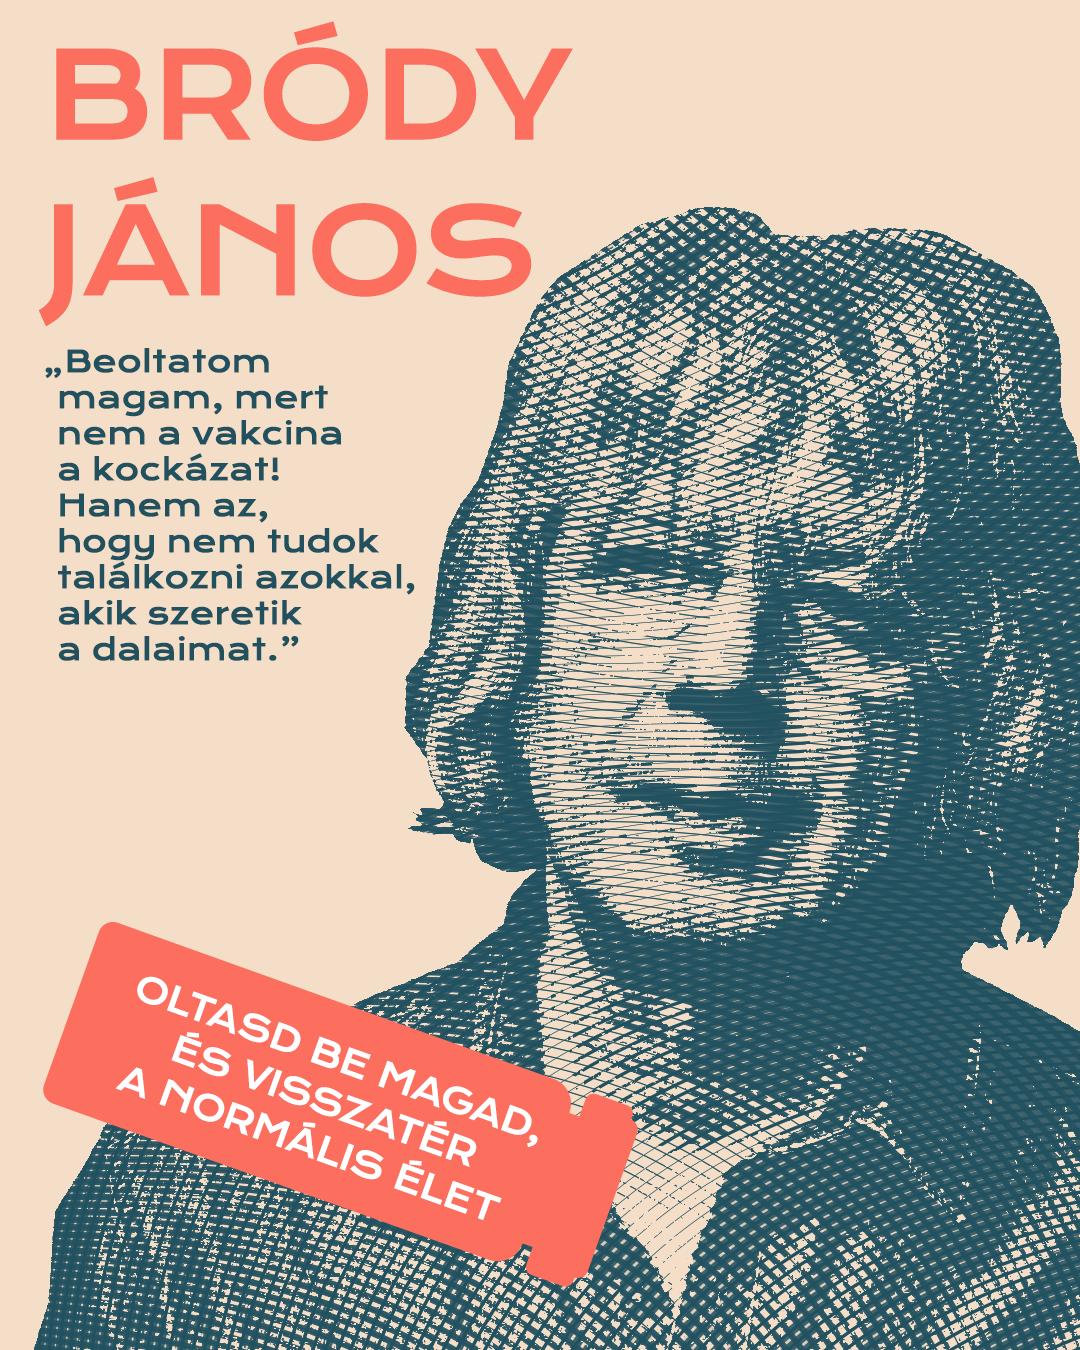 Bródi János